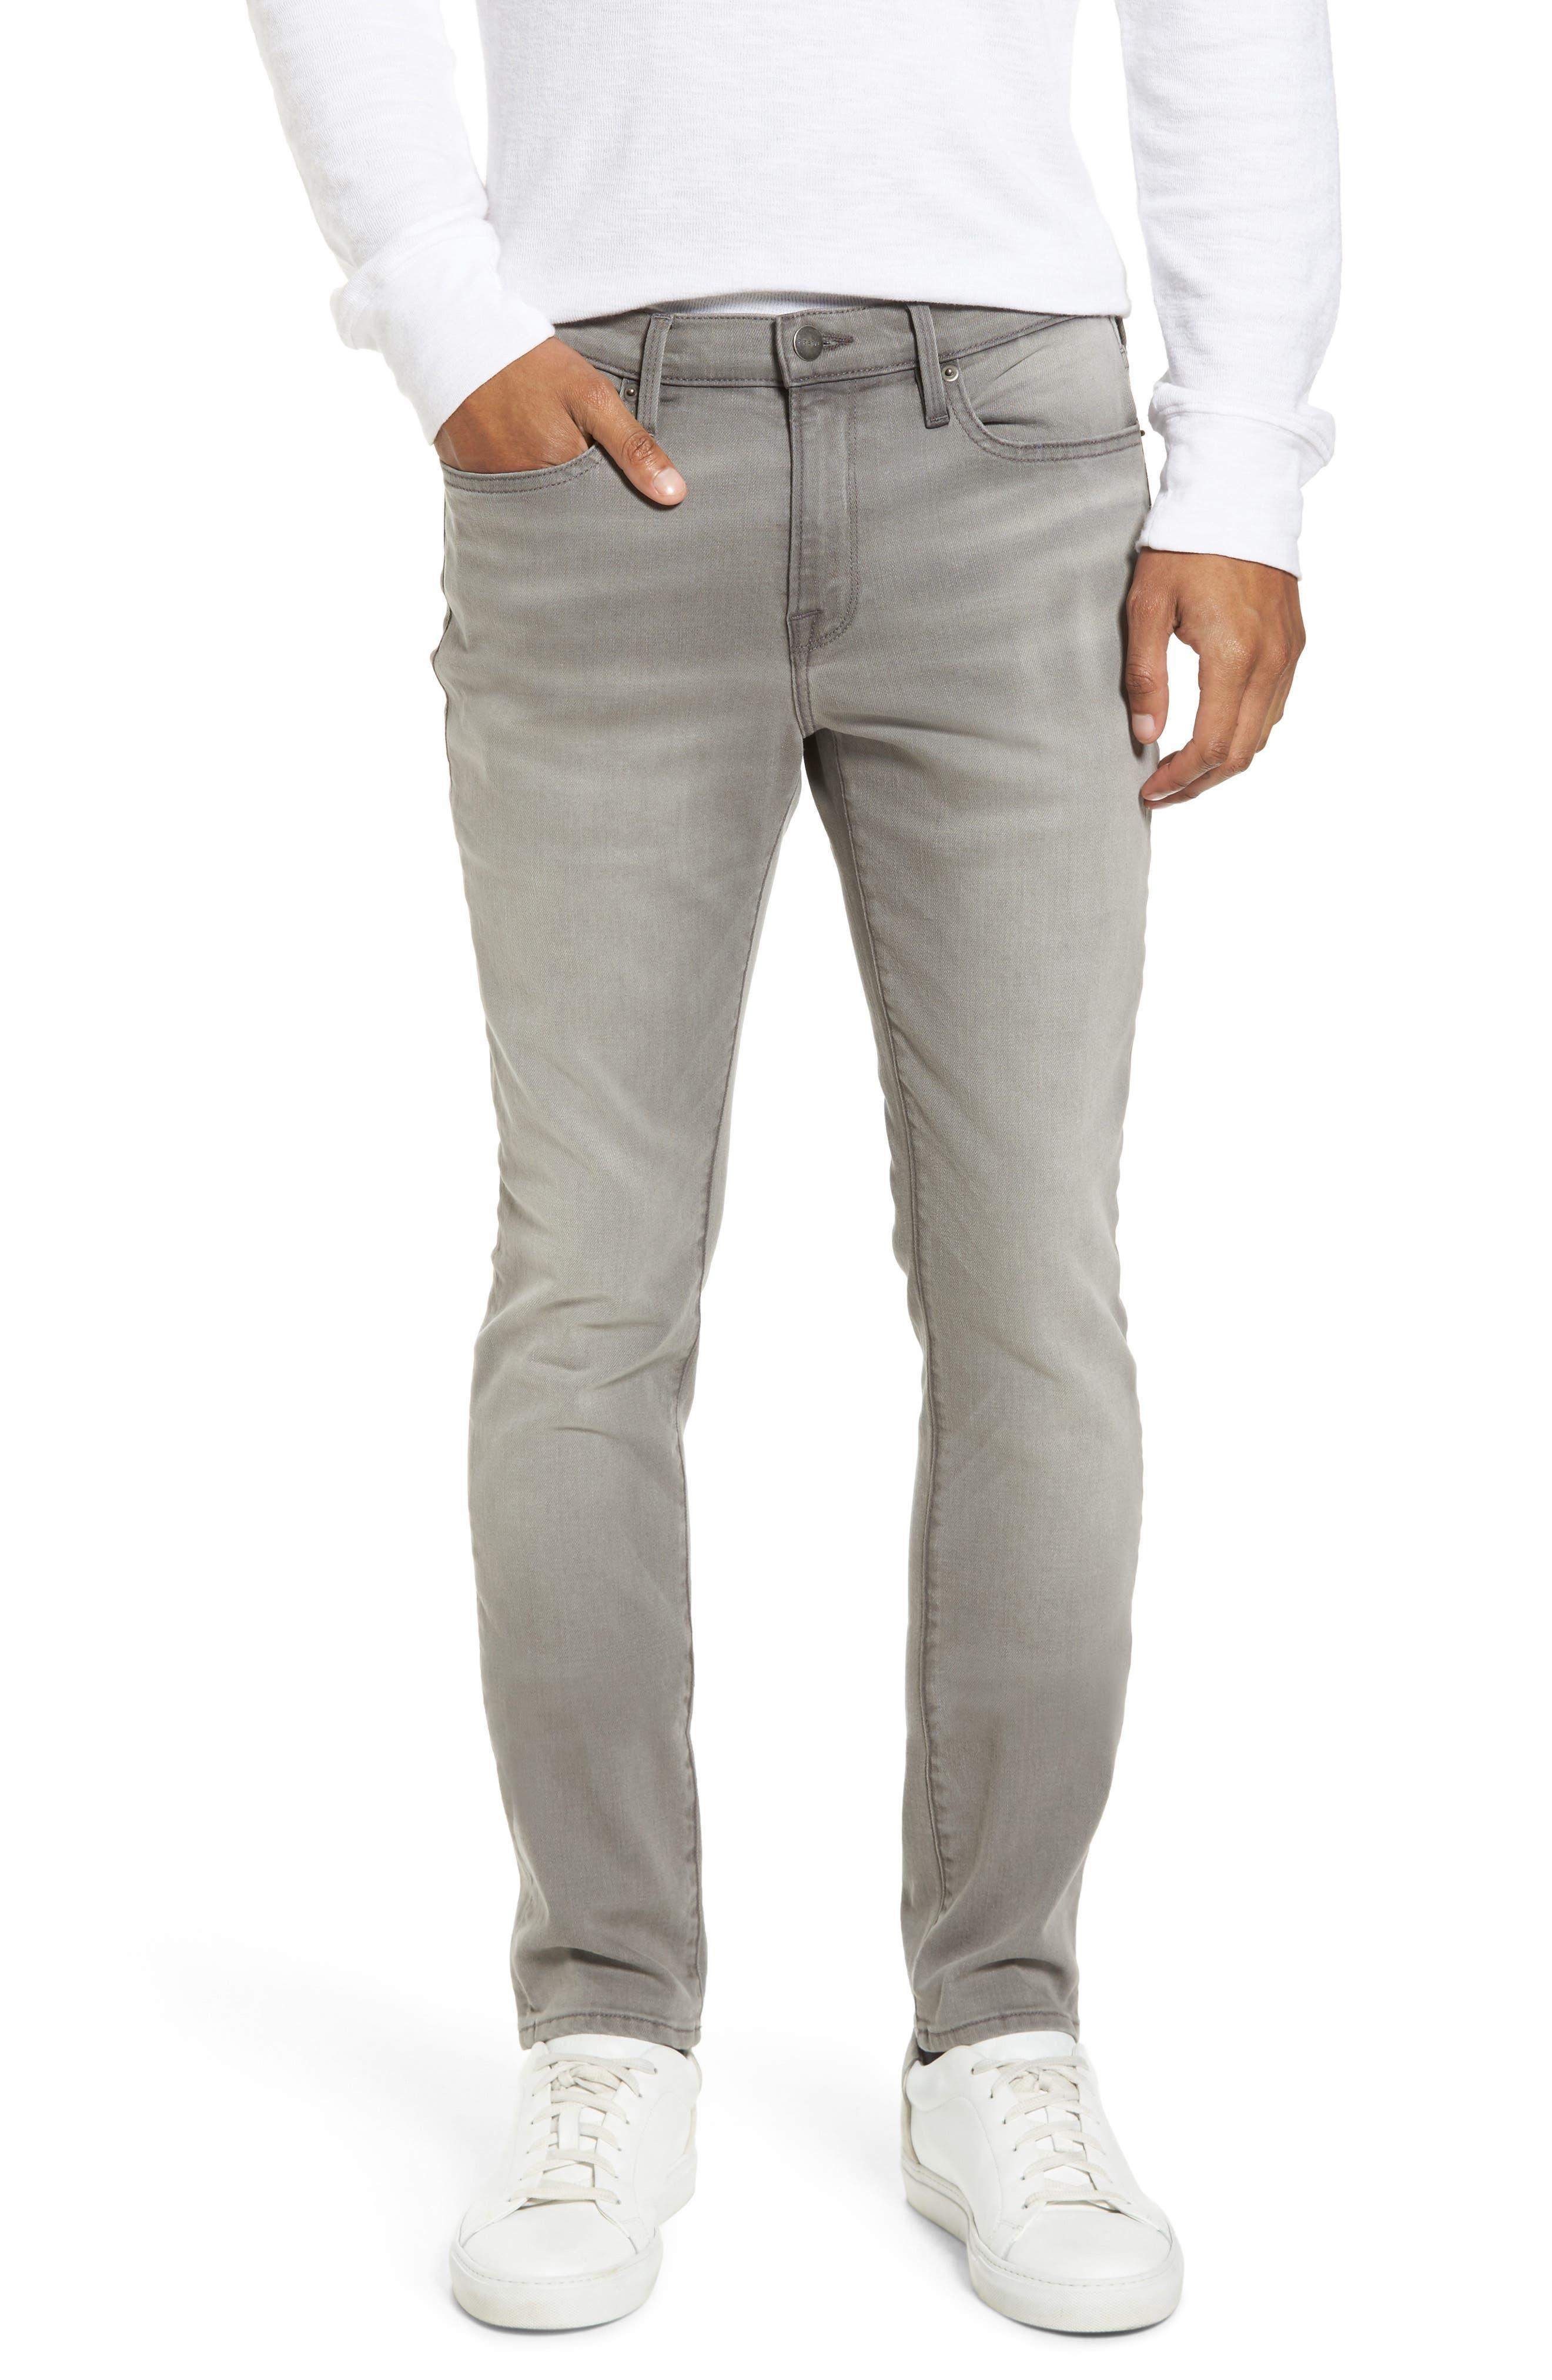 L'Homme Slim Fit Jeans,                             Main thumbnail 1, color,                             030